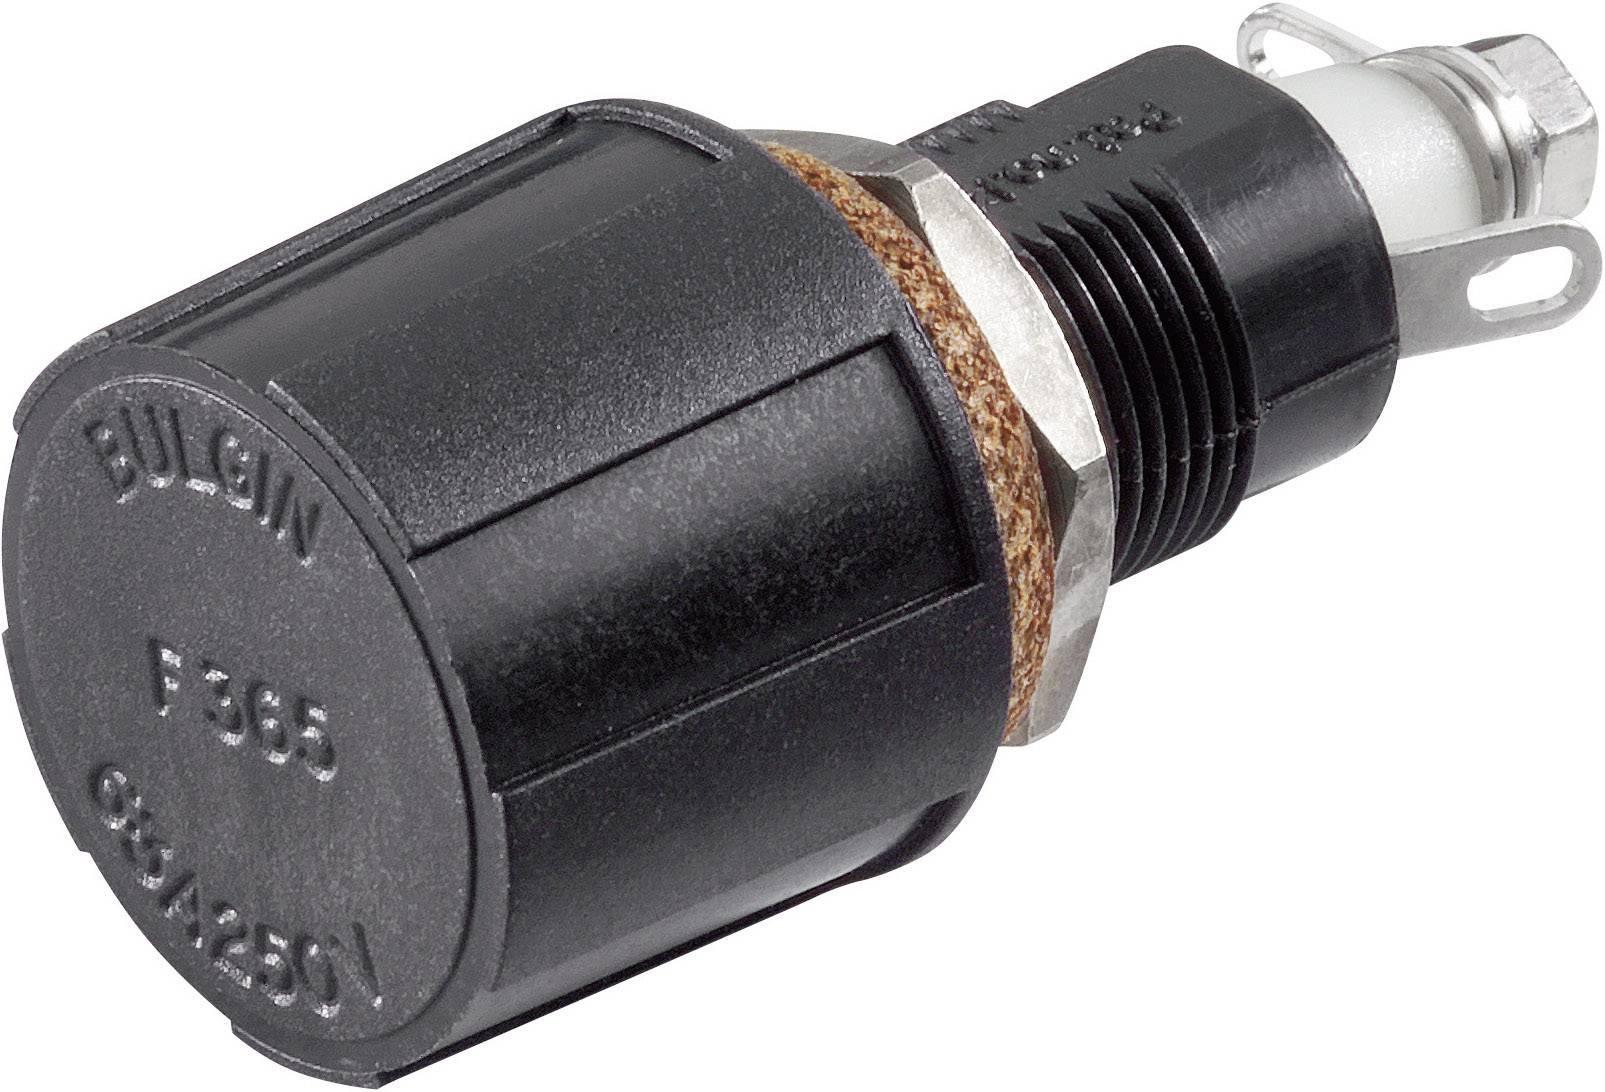 Držiak poistiek 5 x 20 mm FX 0365